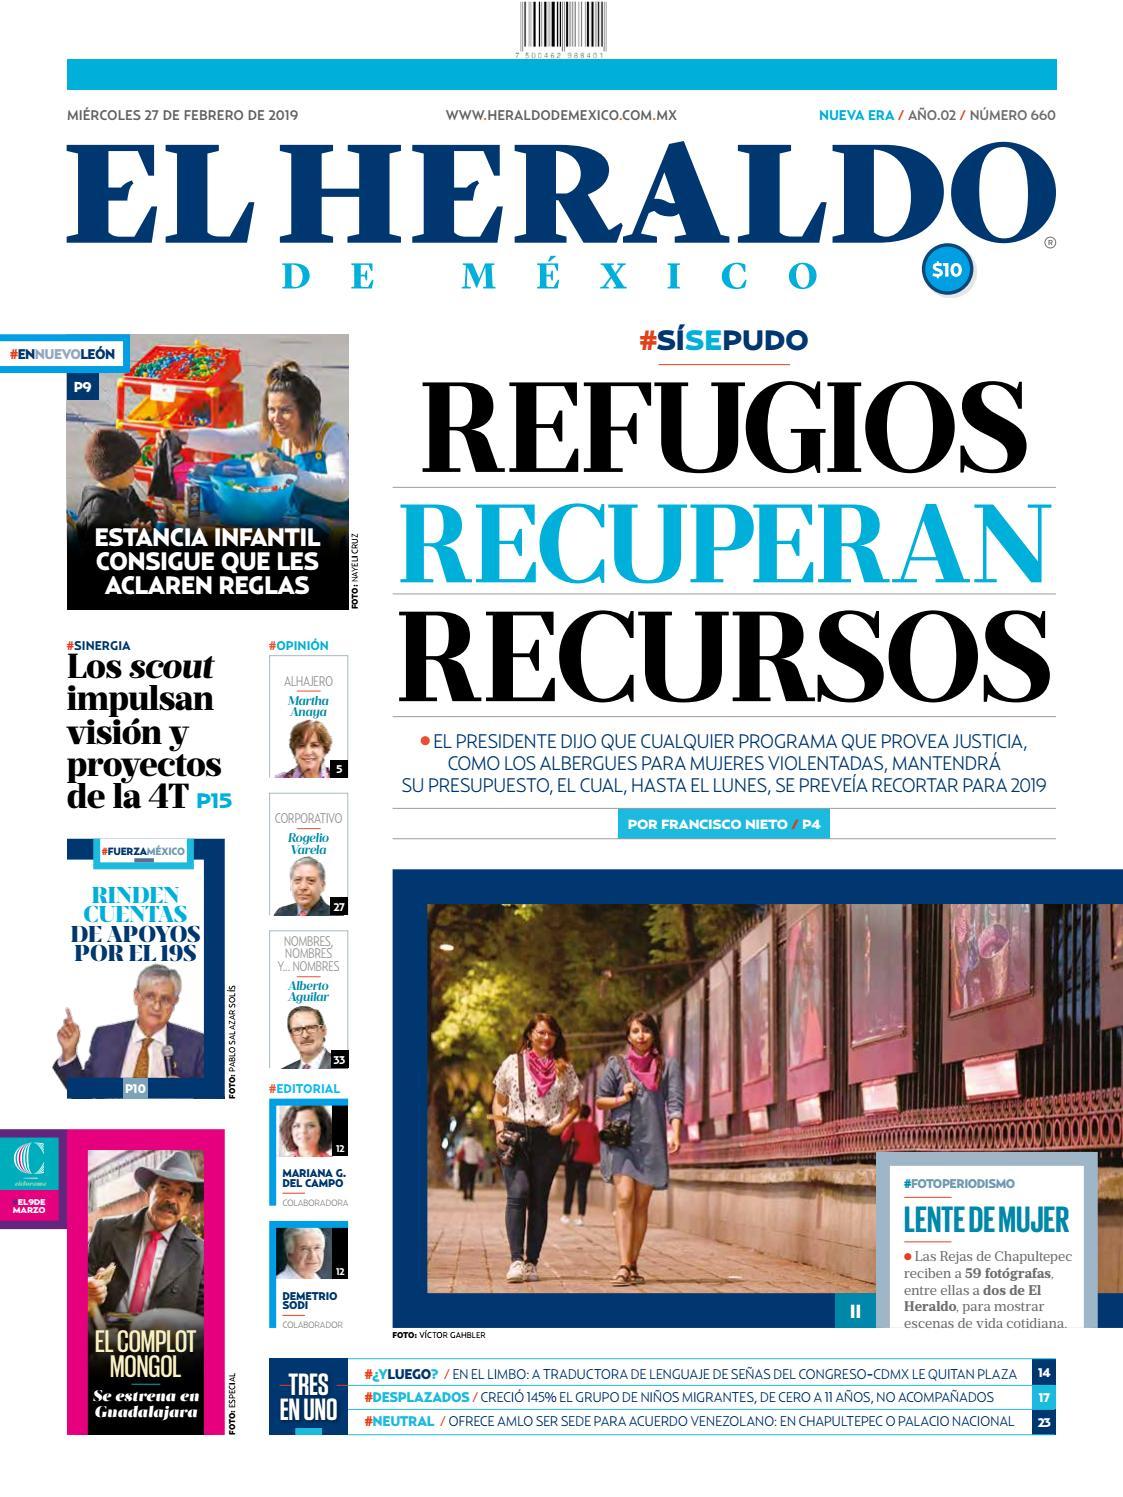 Miércoles 27 de febrero de 2019 by El Heraldo de México - issuu 0b6a0134c23f